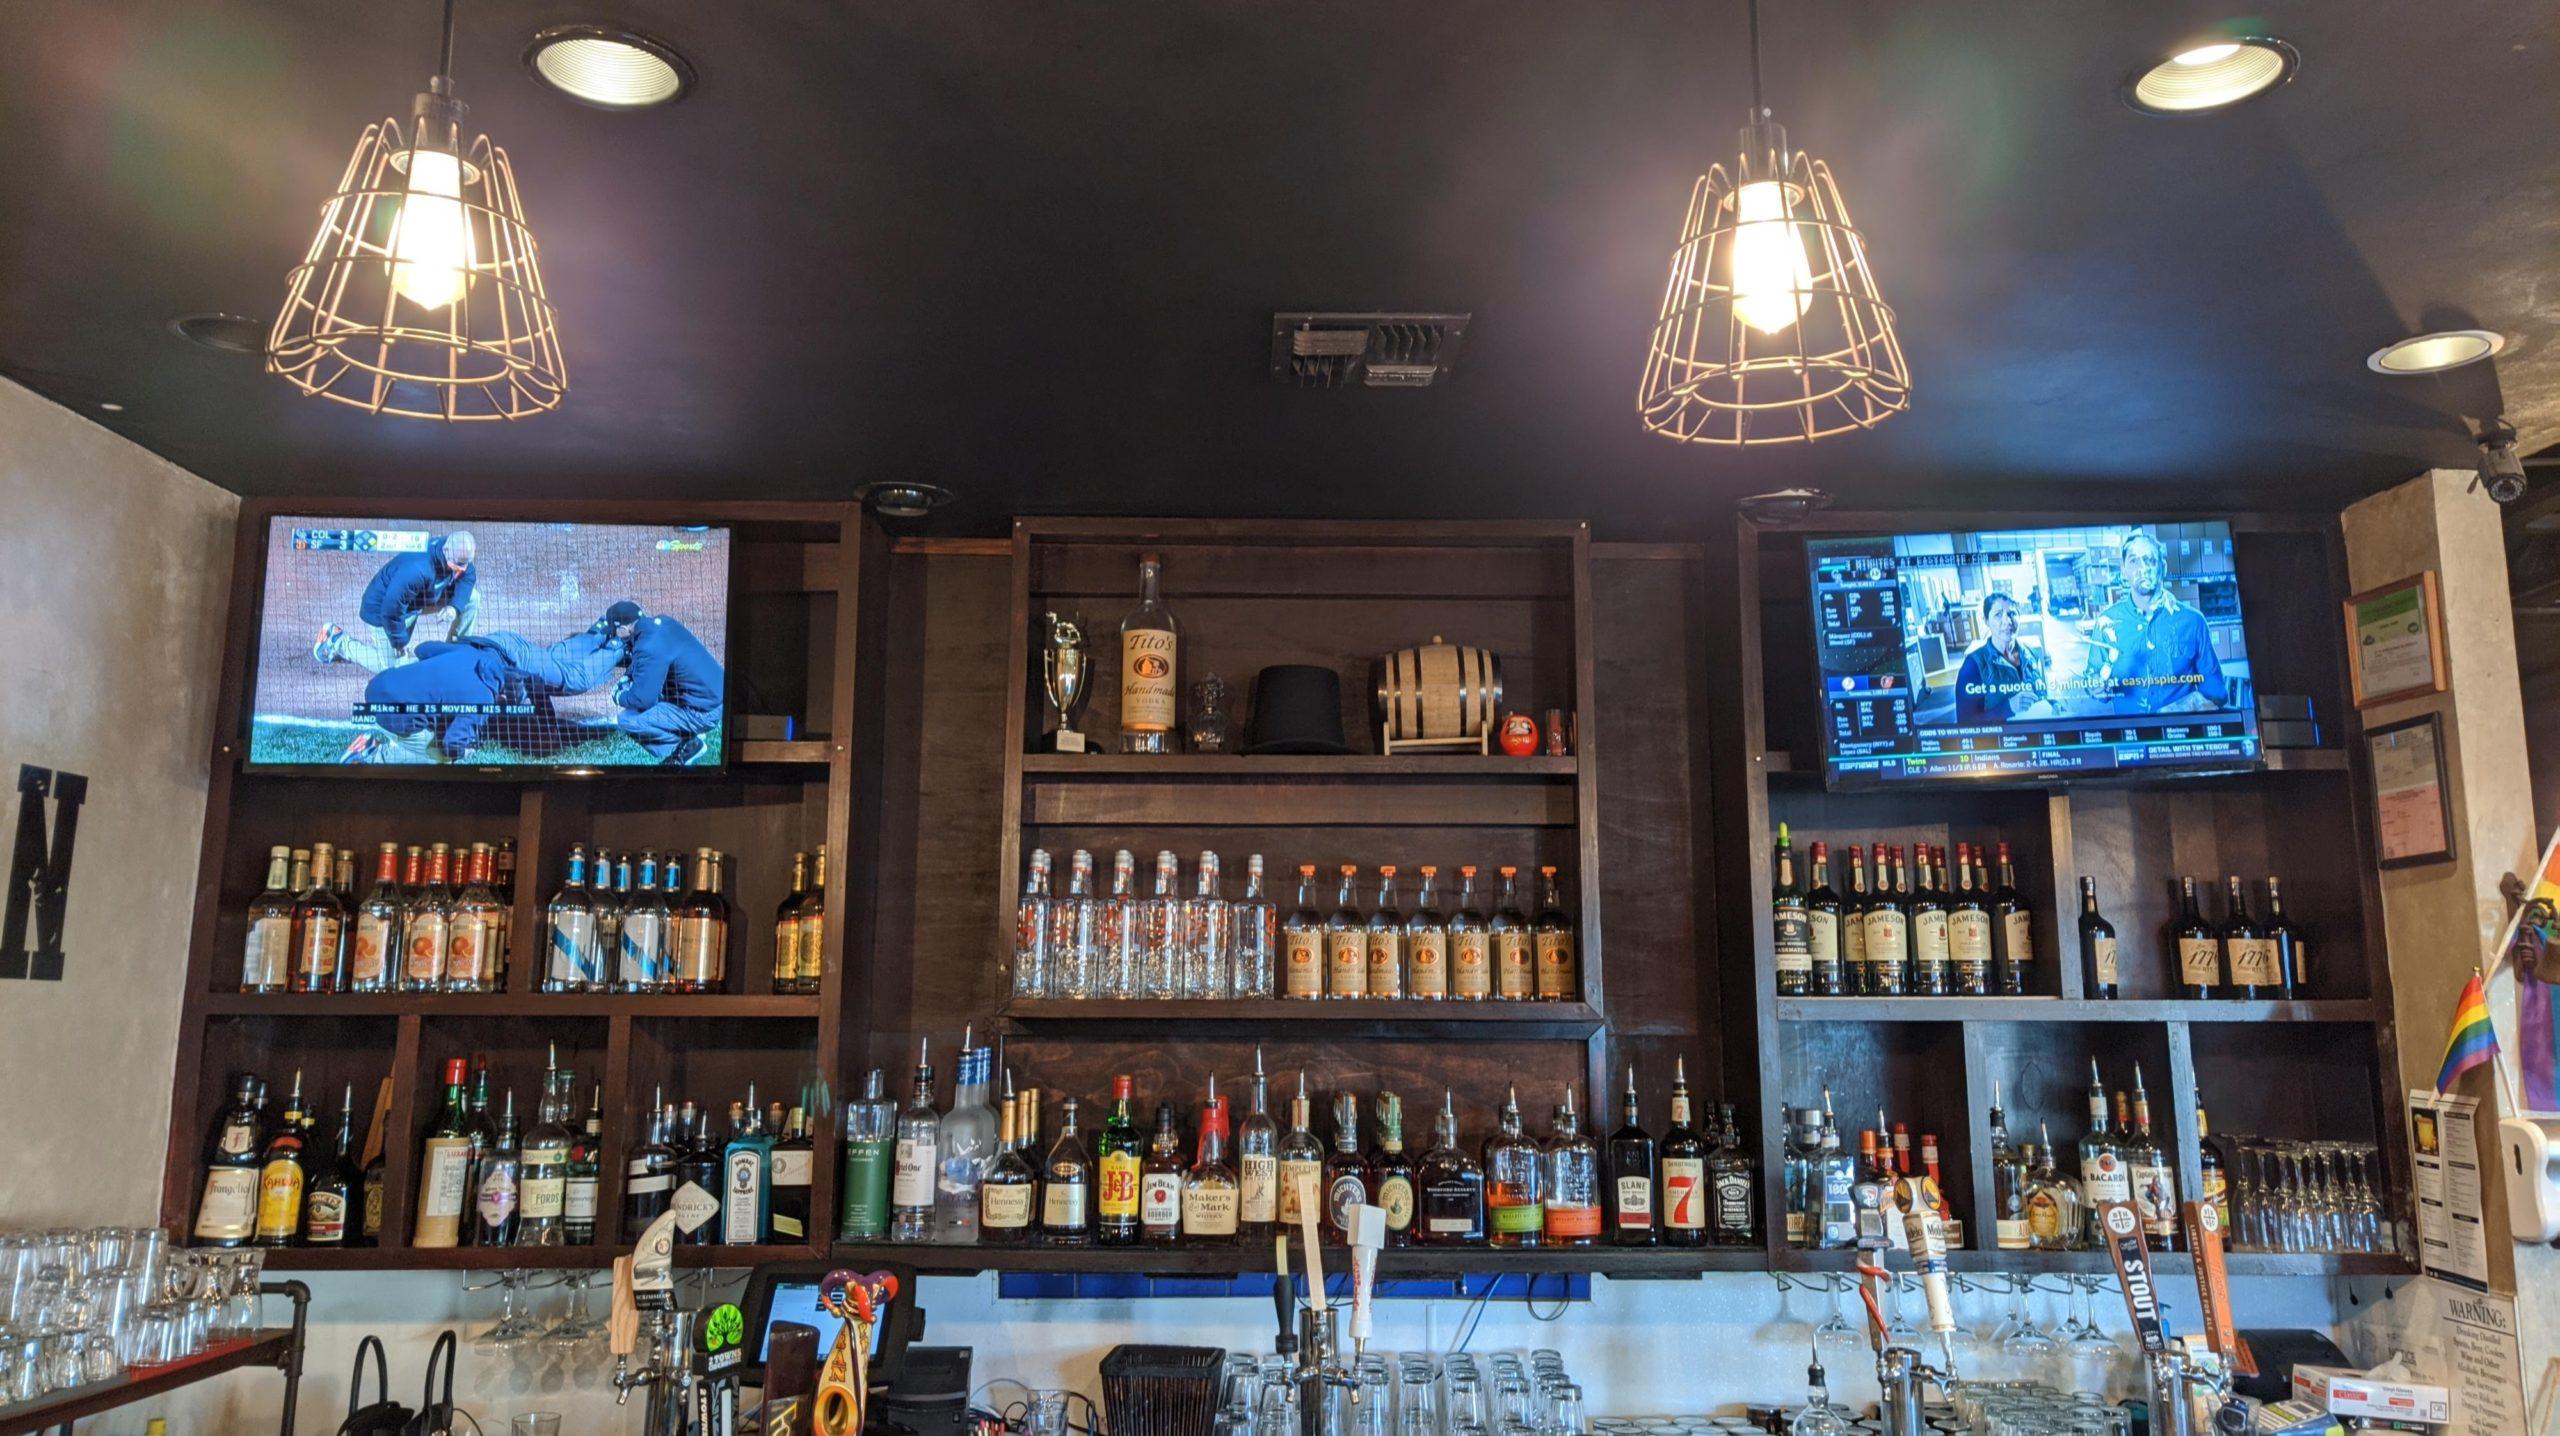 Fresno: Lincoln's Pub & Grub